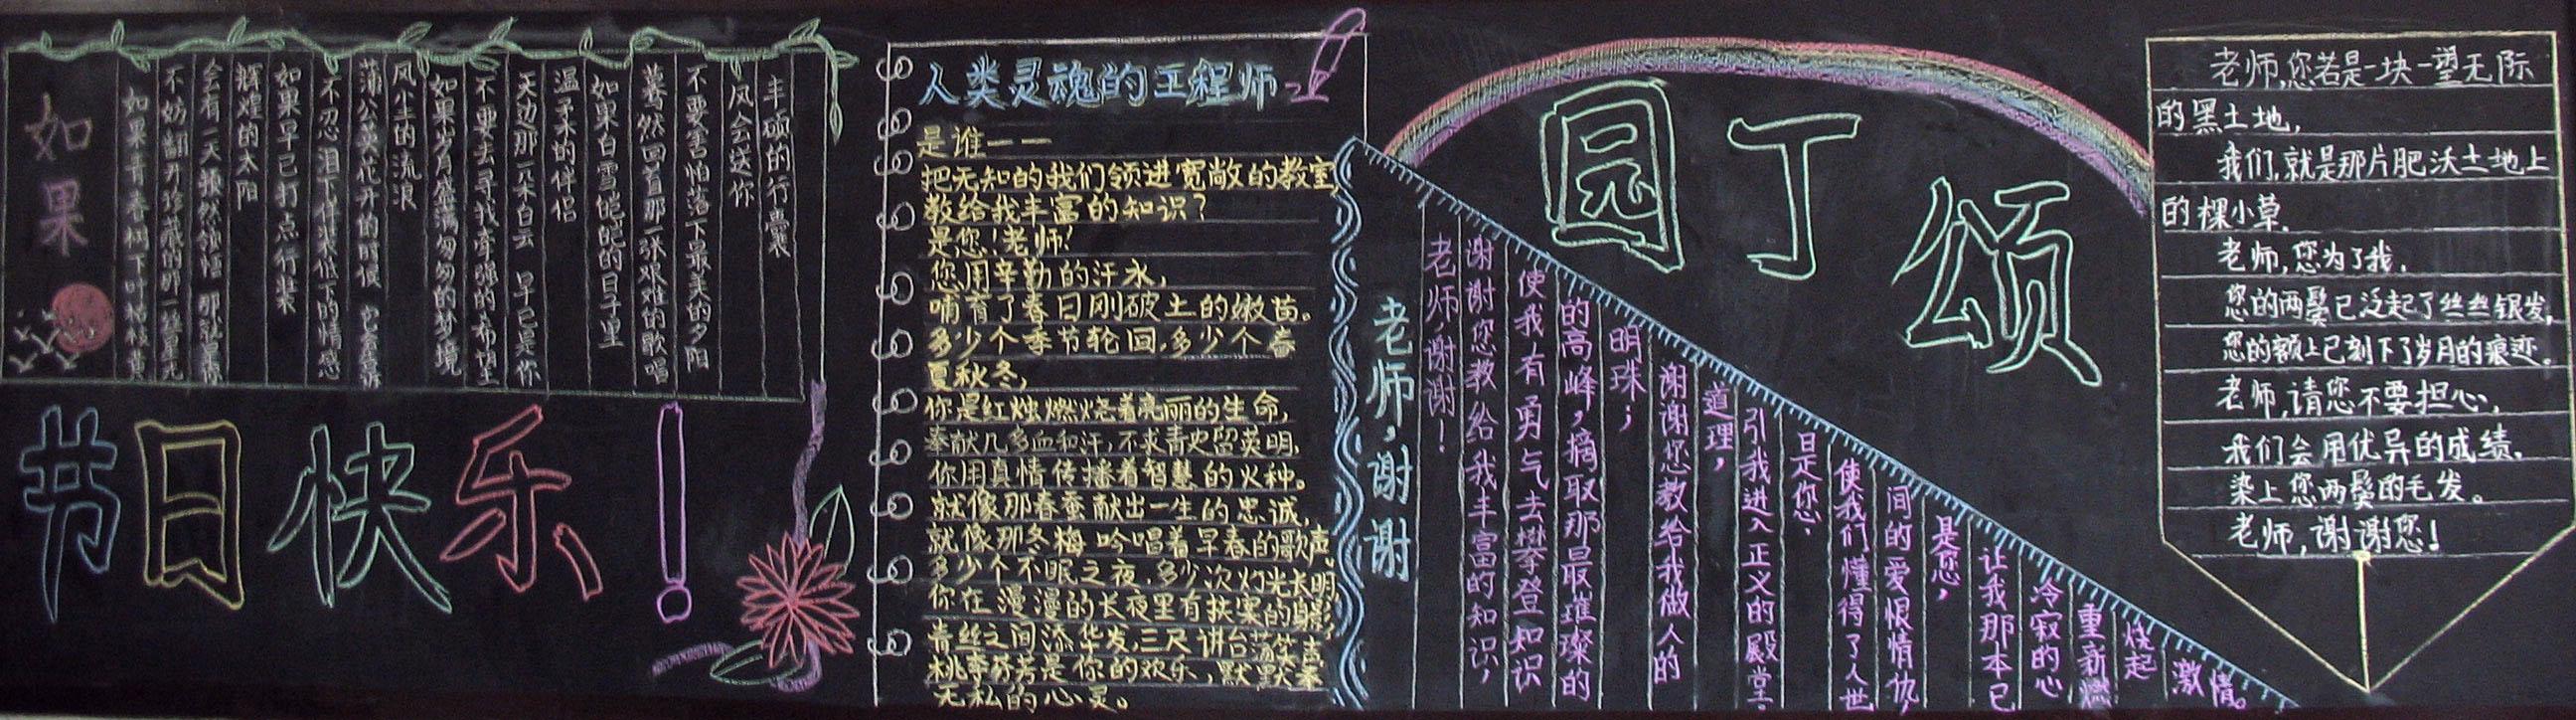 教师节黑板报(1)